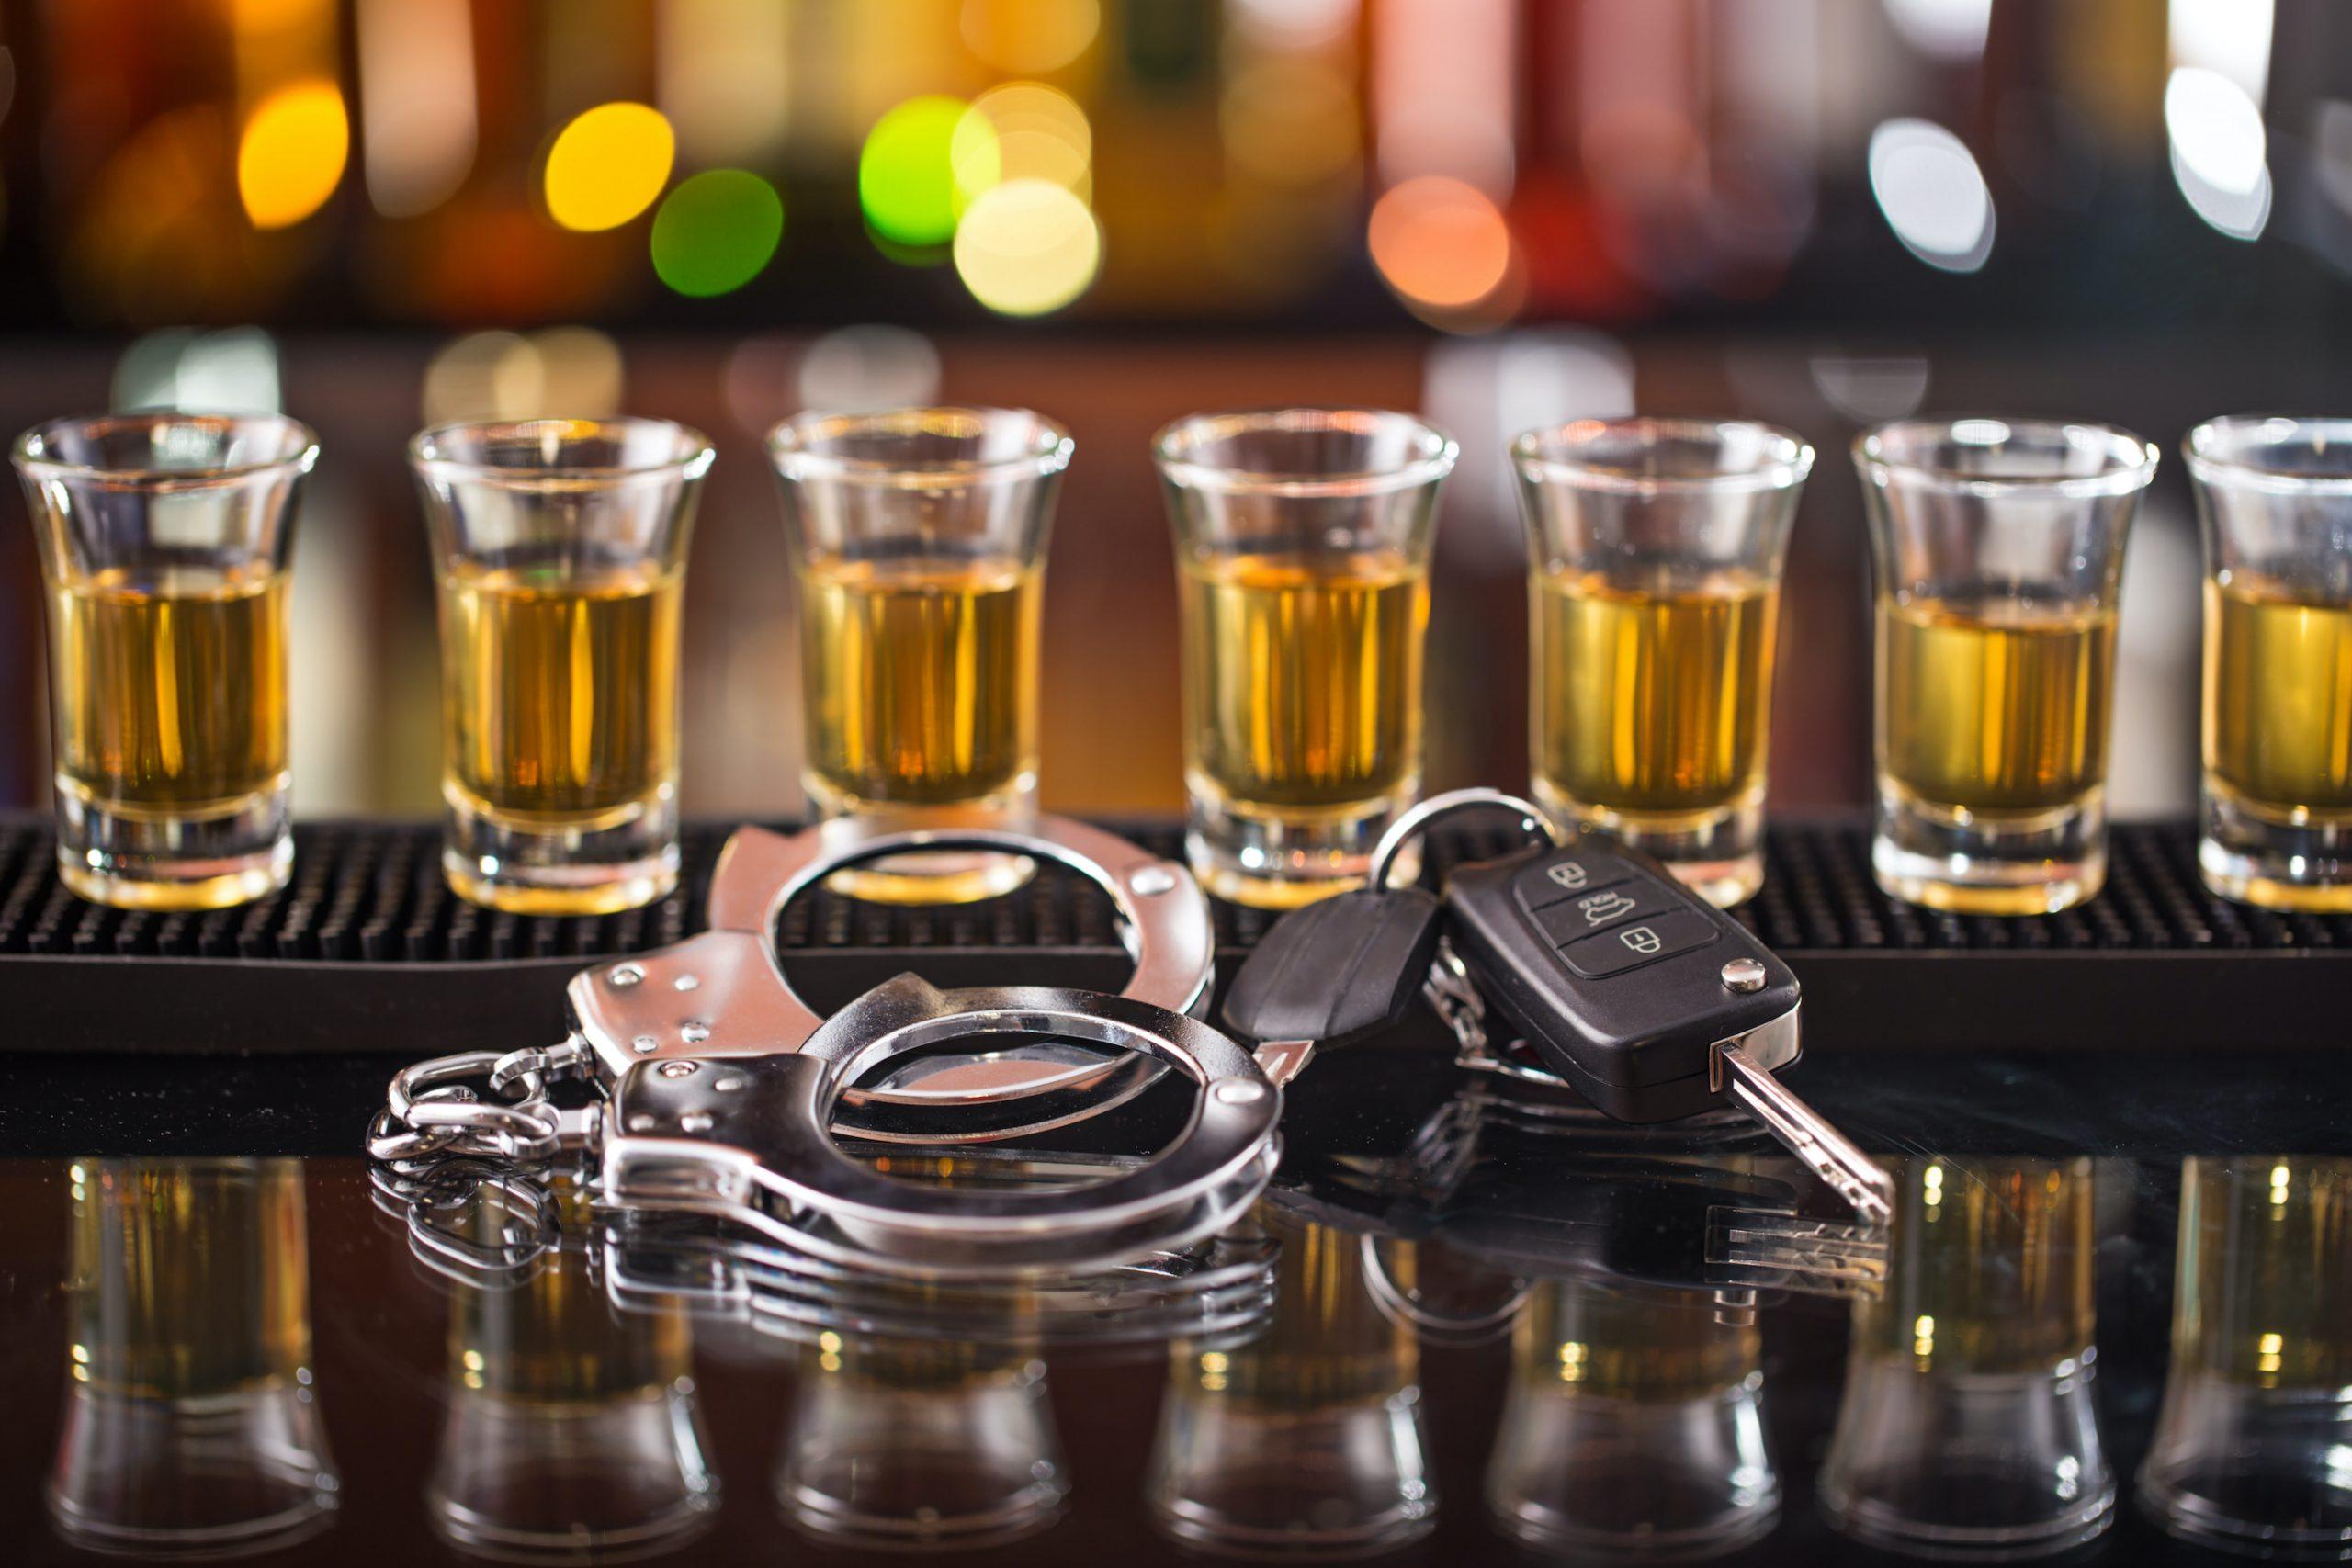 drunk driving - DUI attorney - DUI lawyer - law firm - scheetzlaw - best attorney - cedar rapids - Iowa - lawyer - criminal lawyer - scheetzlaw